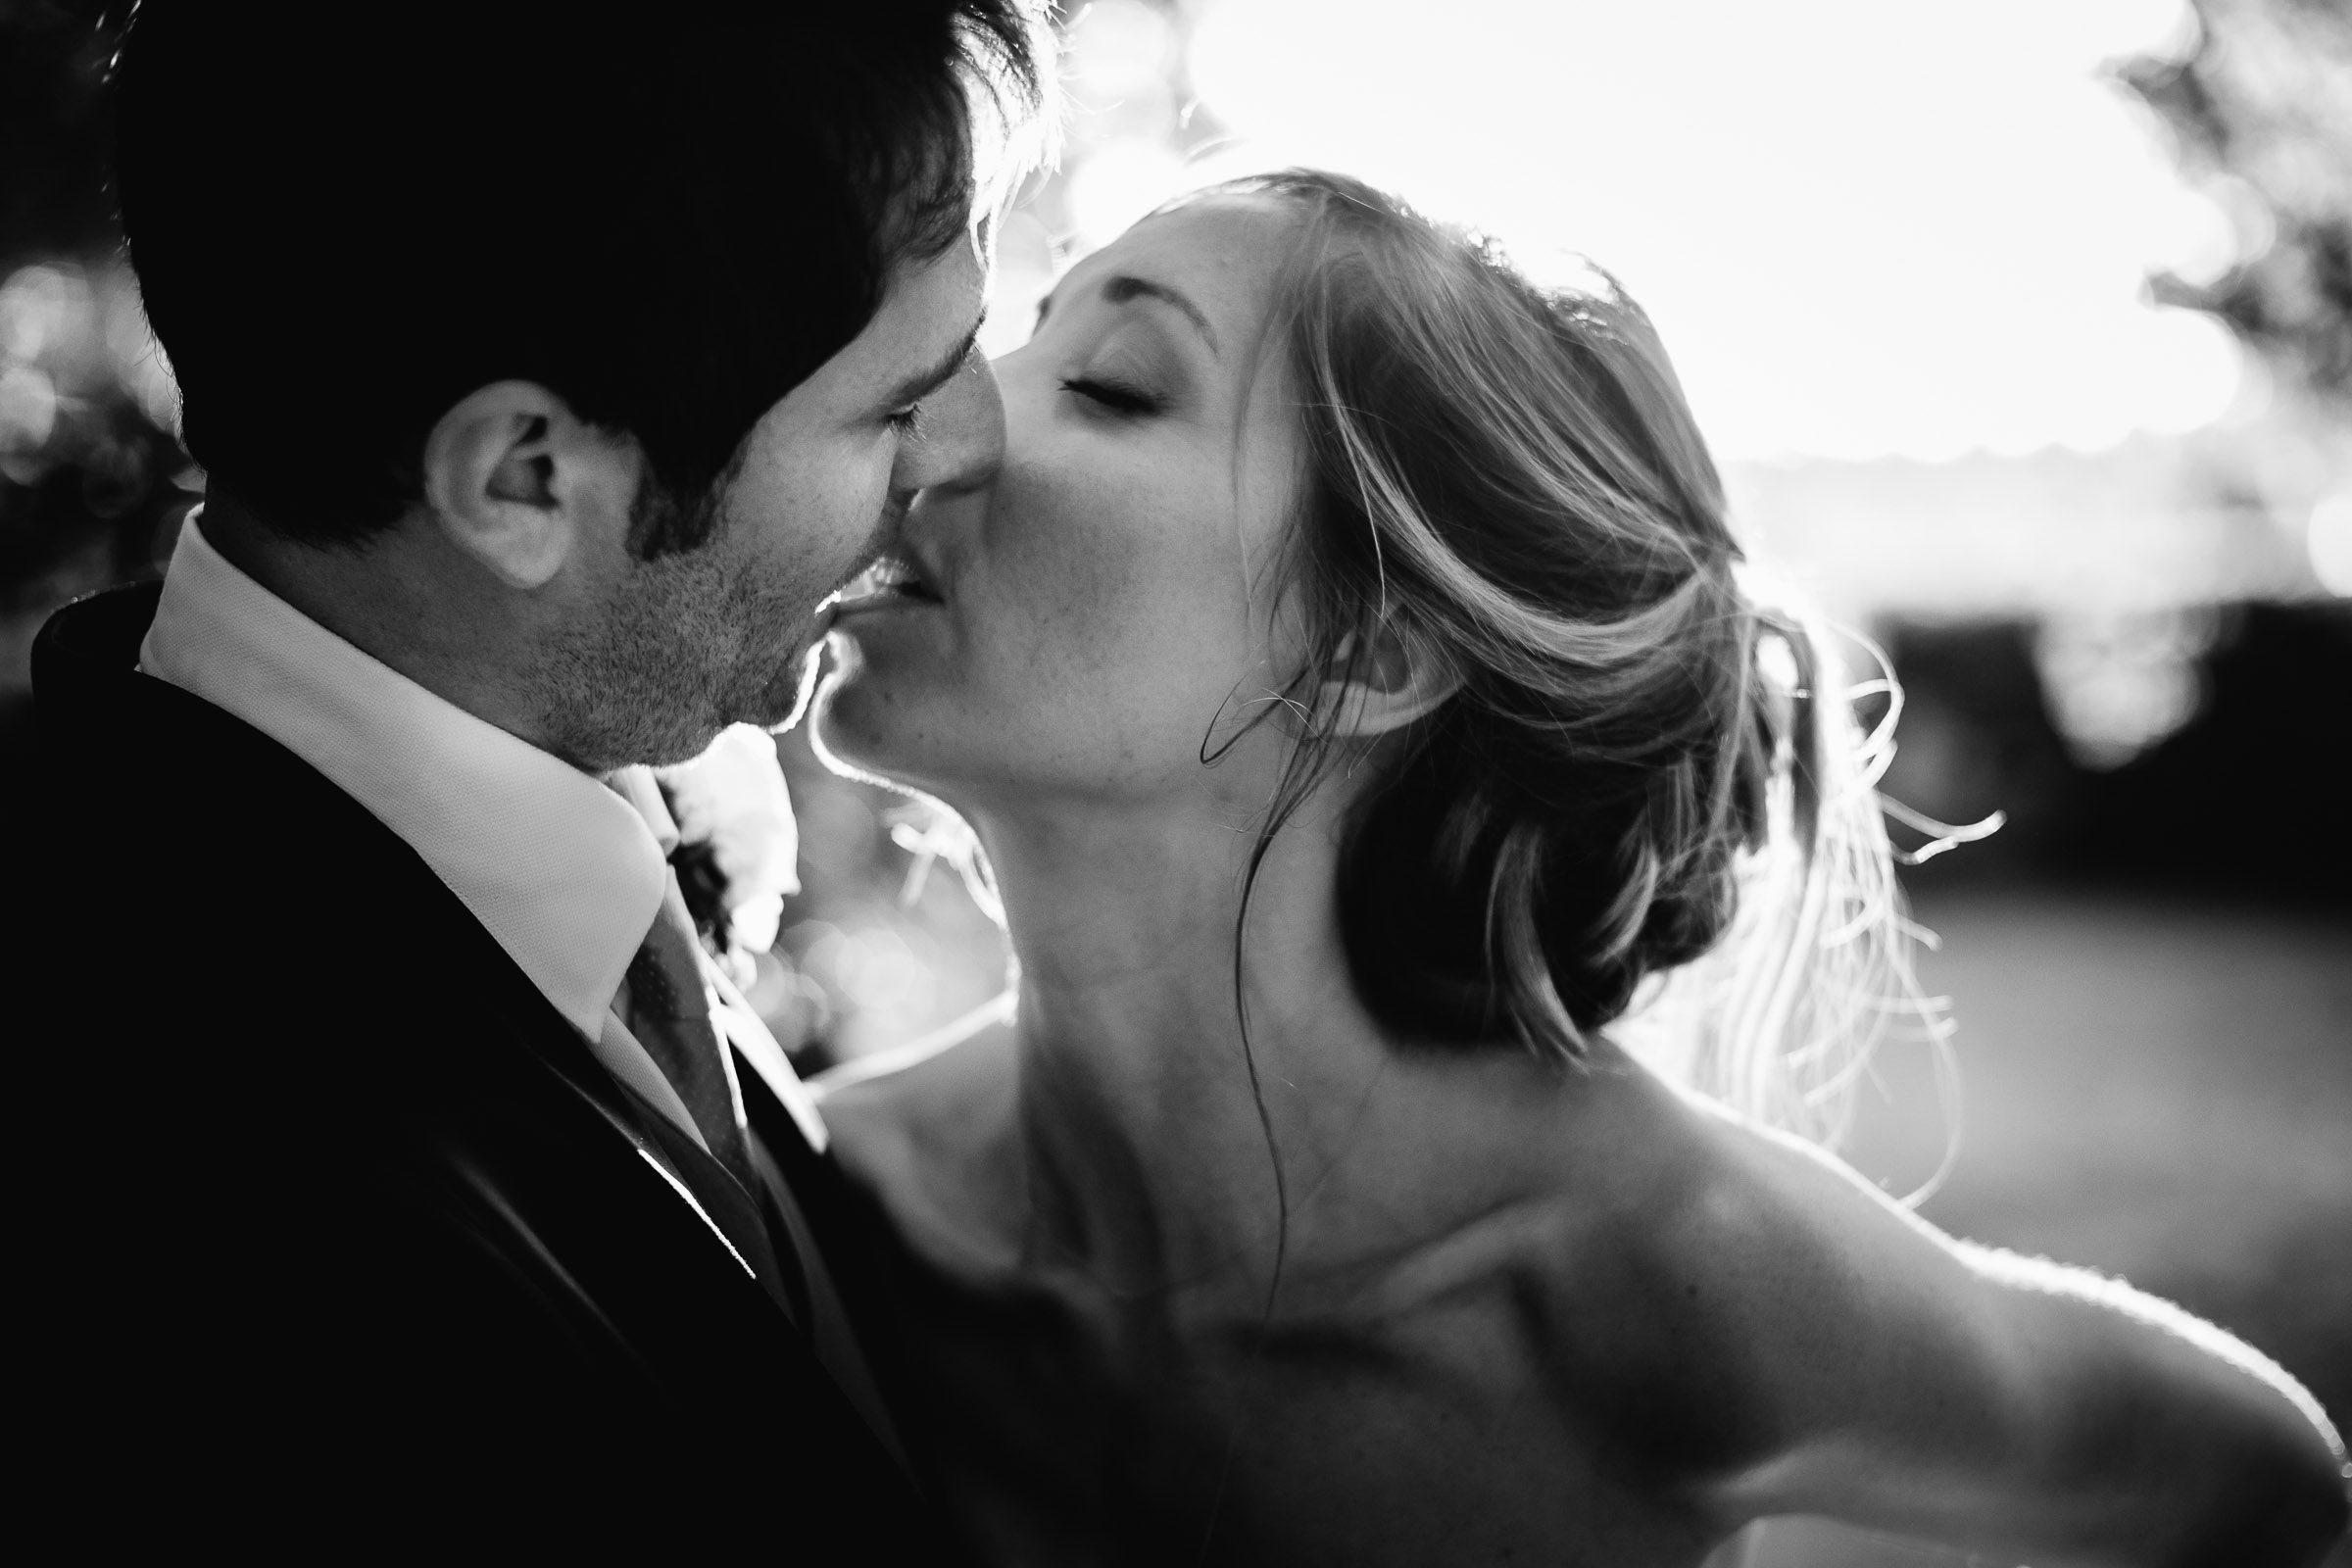 Fotografo di Matrimonio Monza e Brianza: Fotografo professionista specializzato in reportage di matrimonio e ritratti | Max Allegritti